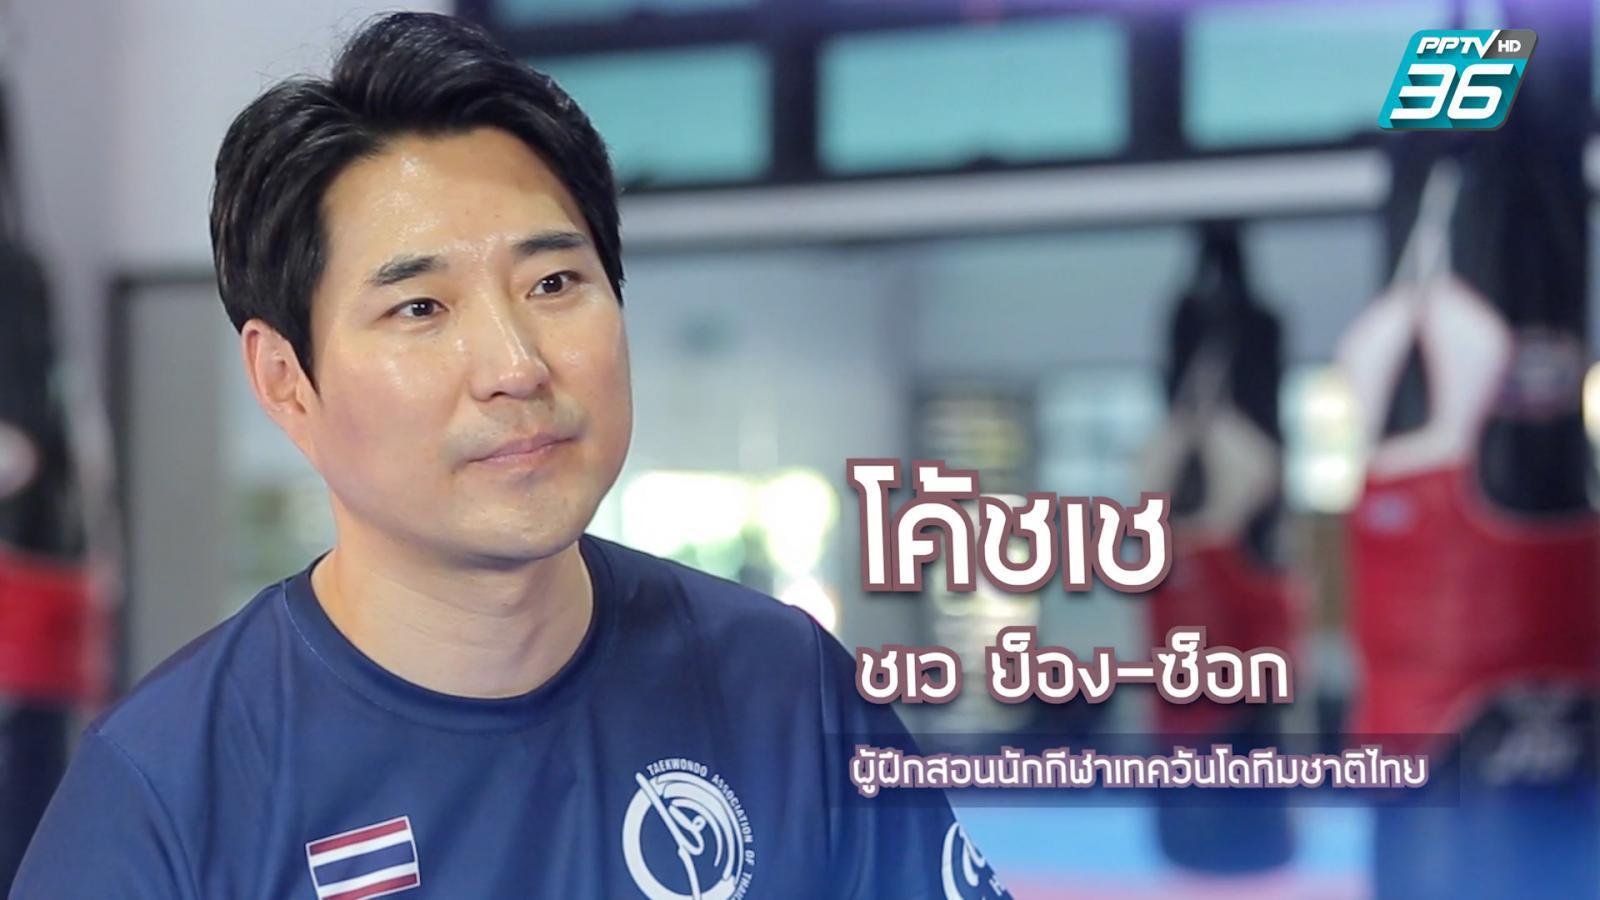 """""""โค้ชเช"""" ชเว ย็อง-ซ็อก ผู้ฝึกสอนเทควันโดทีมชาติไทย"""